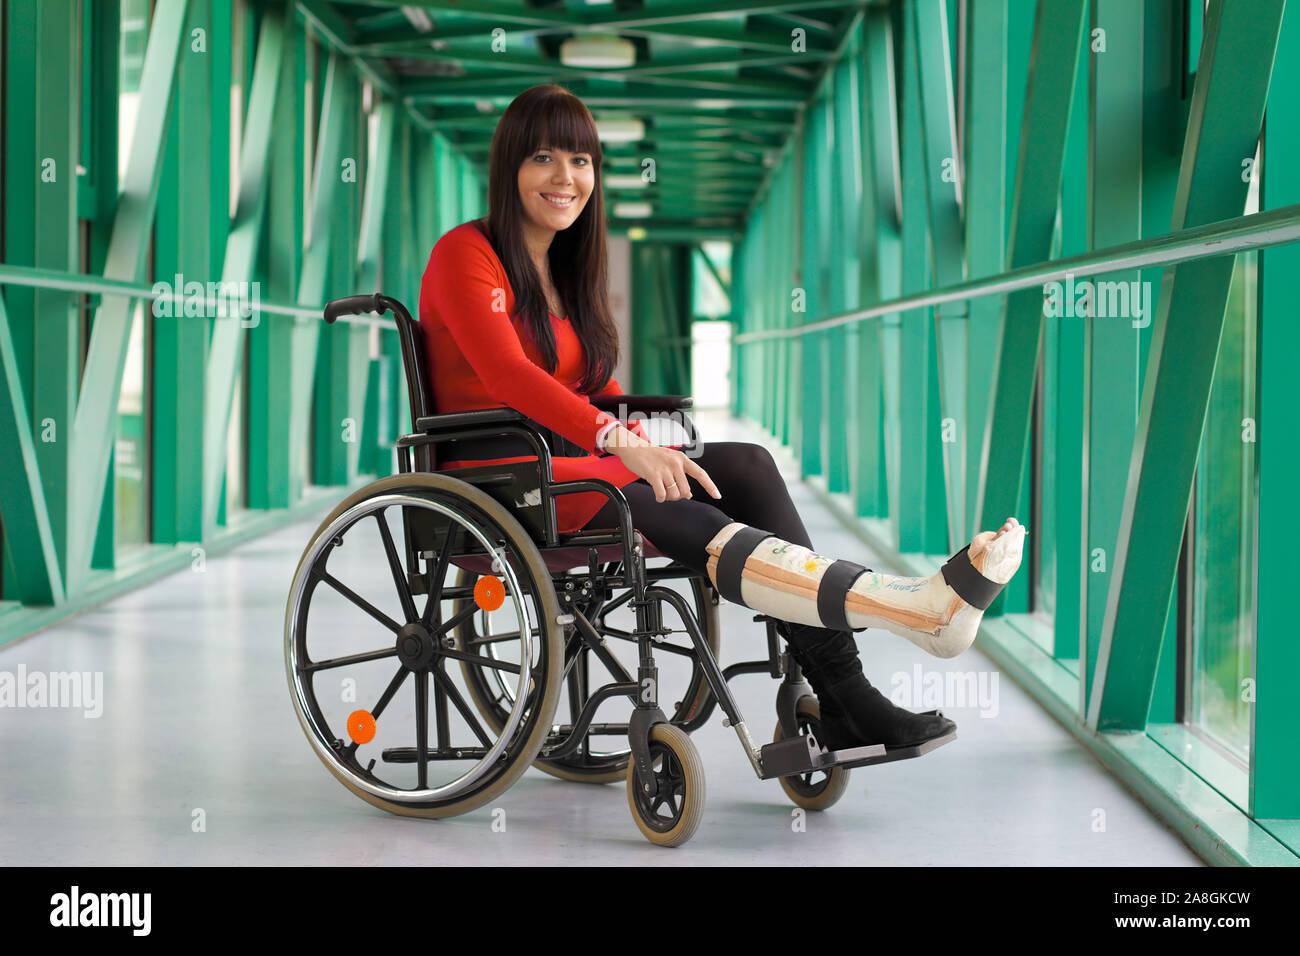 Junge Frau mit Gipsbein sitzt im Rollstuhl, 25, 30, Jahre, MR:Yes Stock Photo